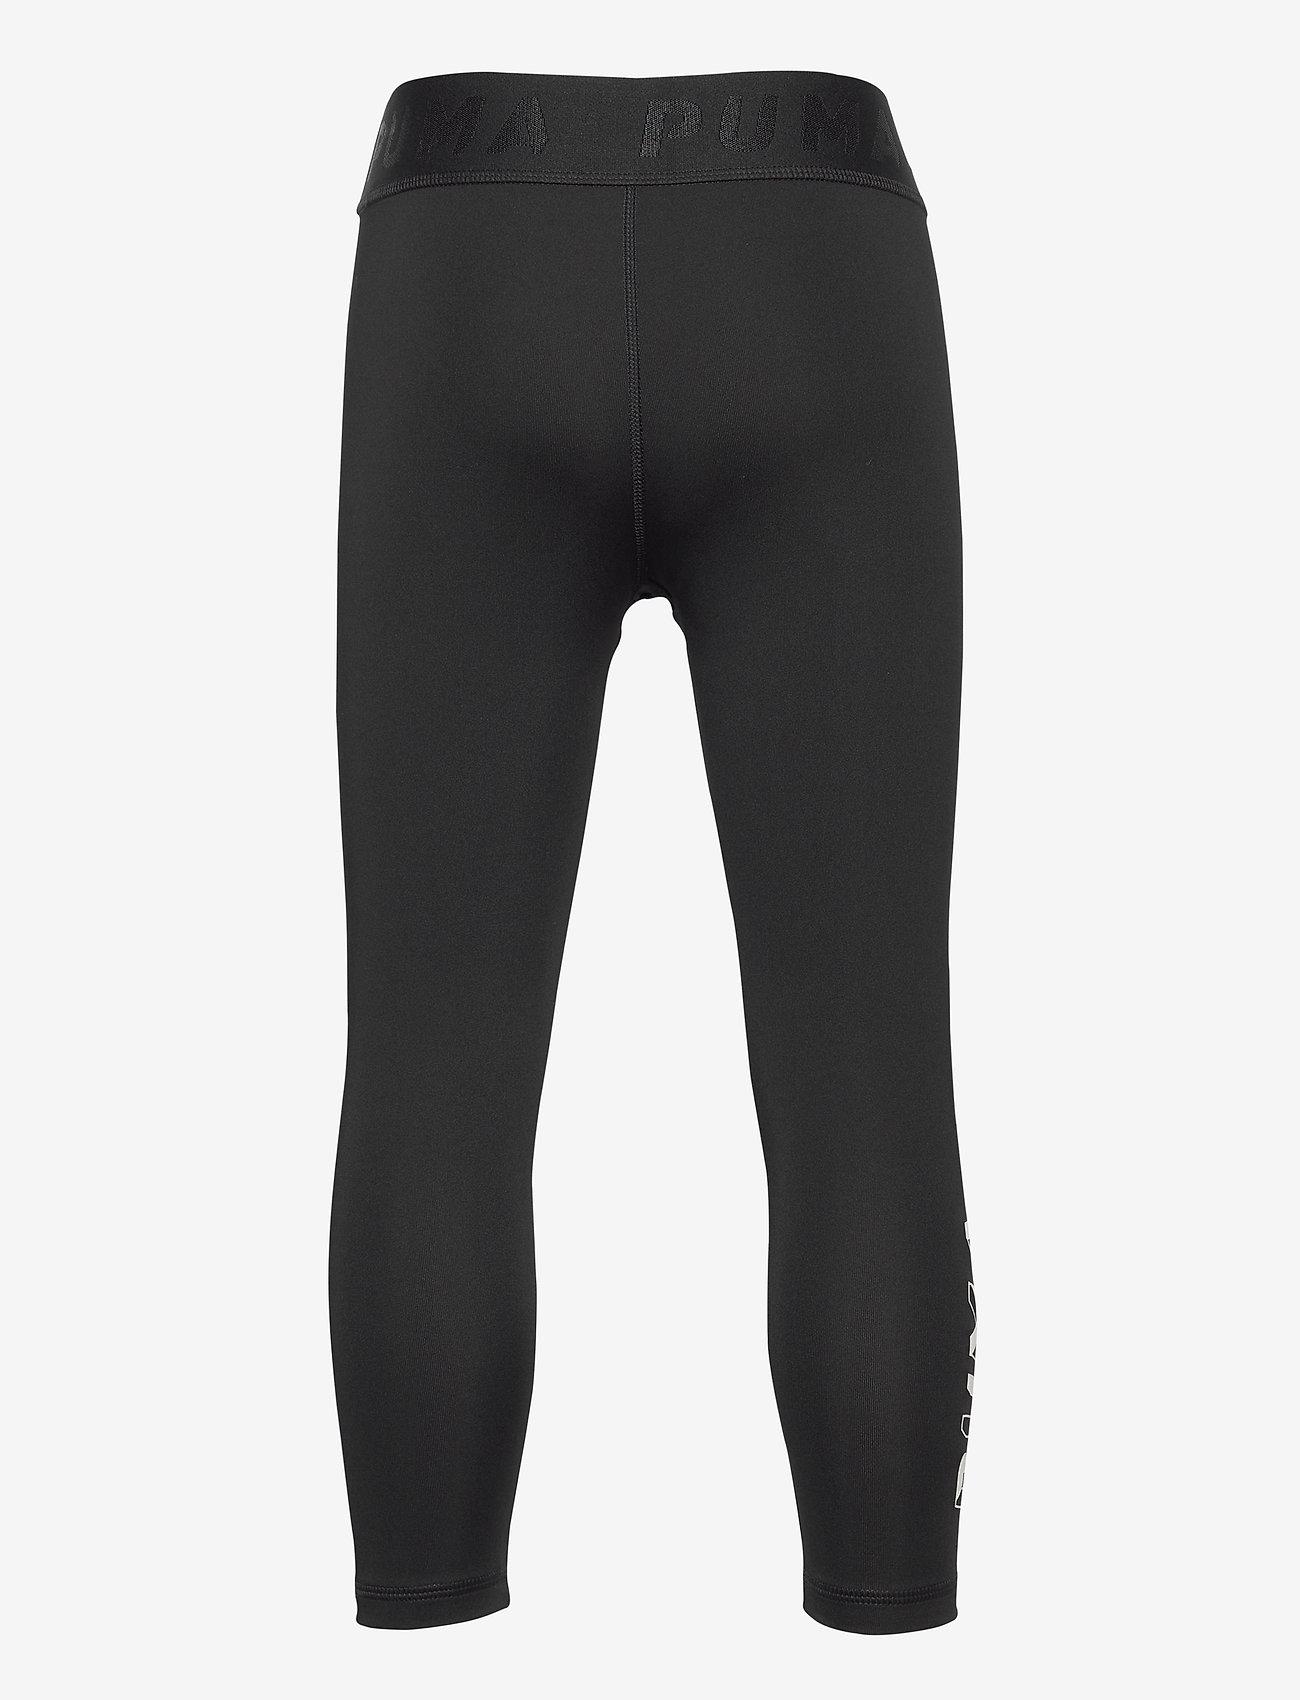 PUMA - Modern Sports 7/8 Tights G - löpnings- & träningstights - puma black - 1